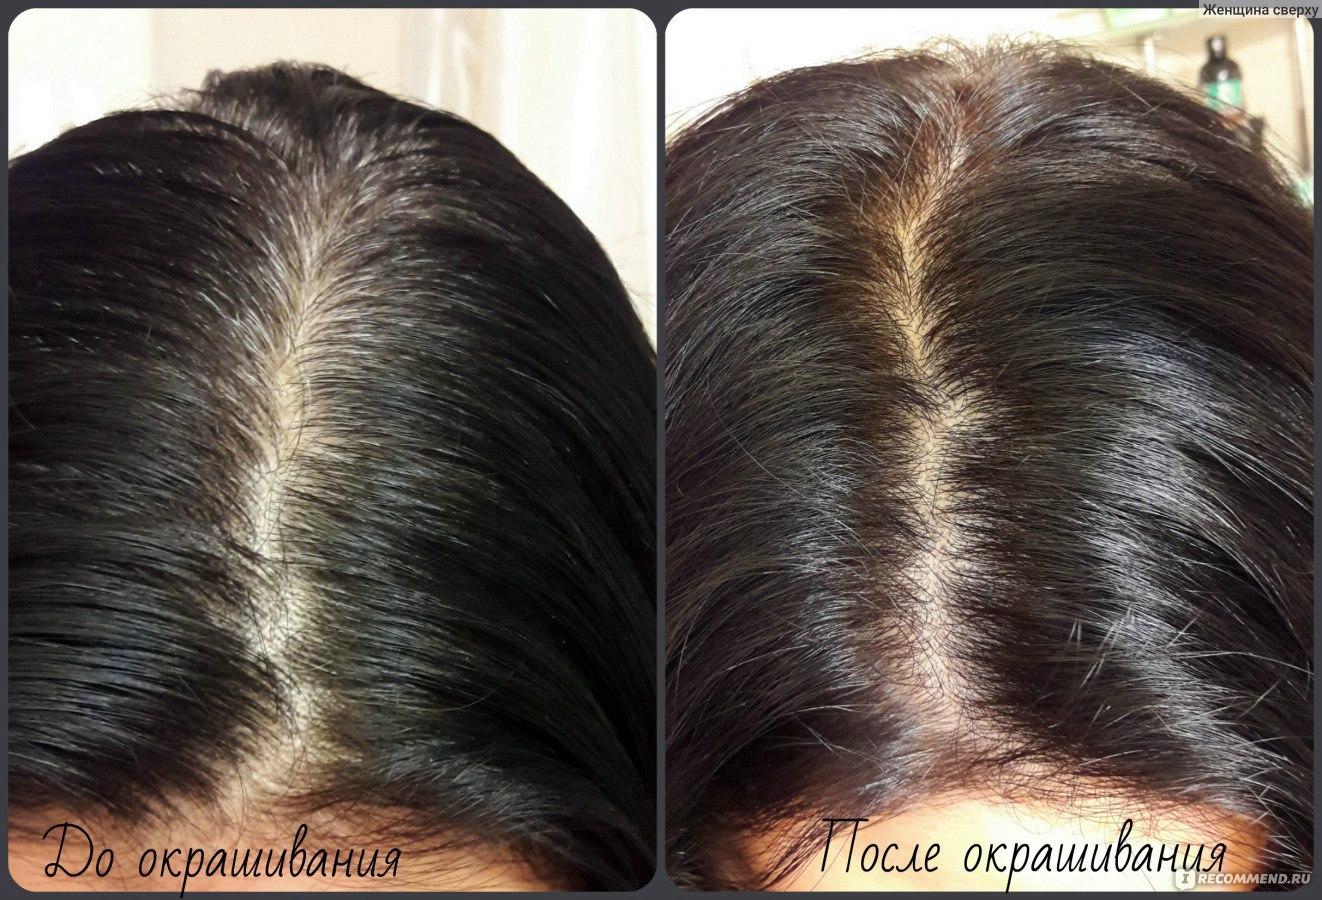 Краска для волос профессиональная для закрашивания седых волос